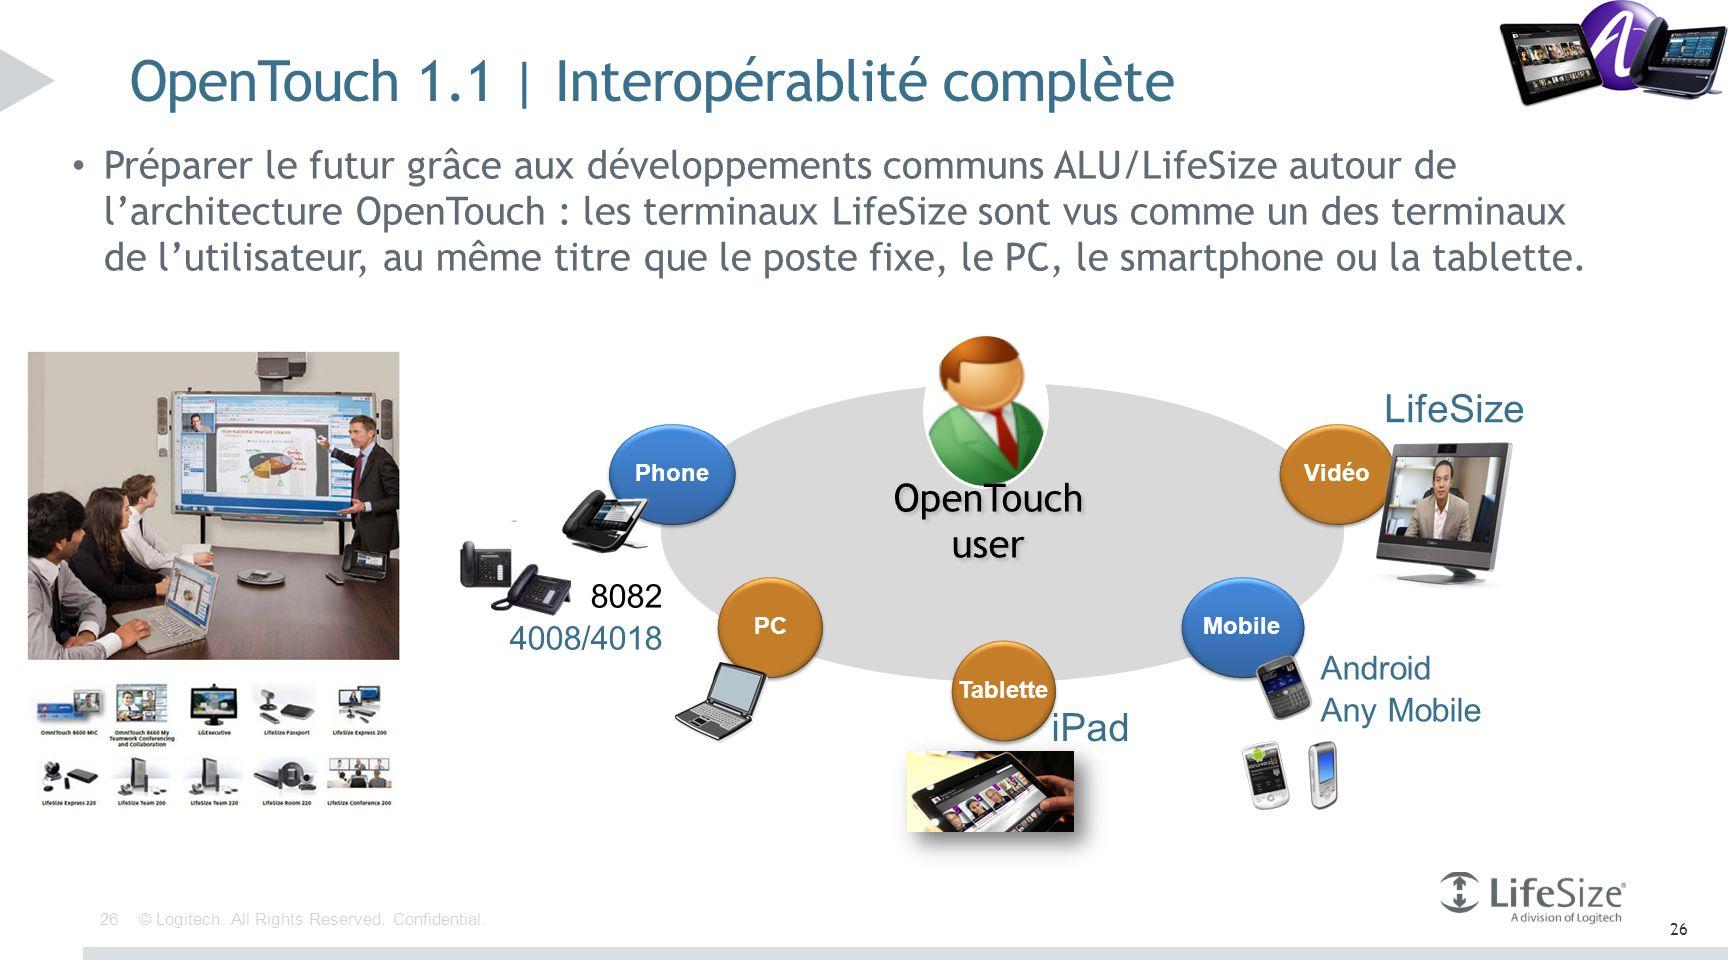 OpenTouch 1.1 | Interopérablité complète